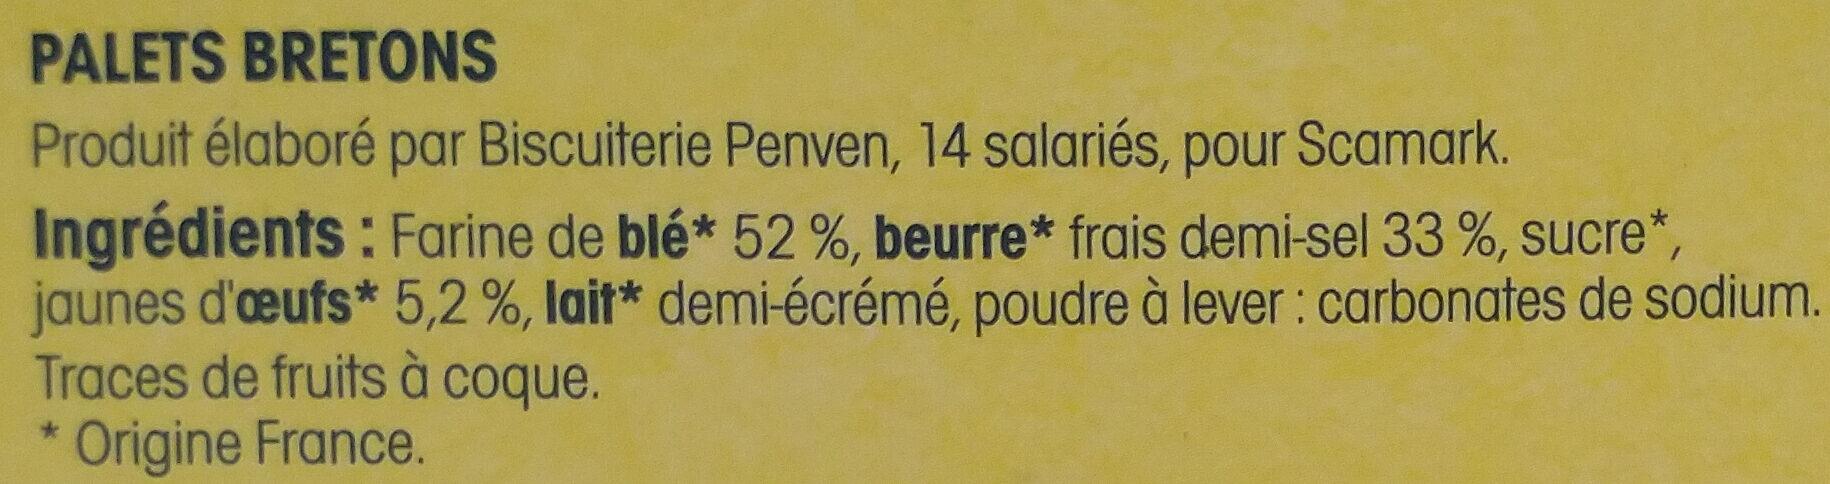 Palets bretons fabriqués à Pont-Aven - Ingredienti - fr